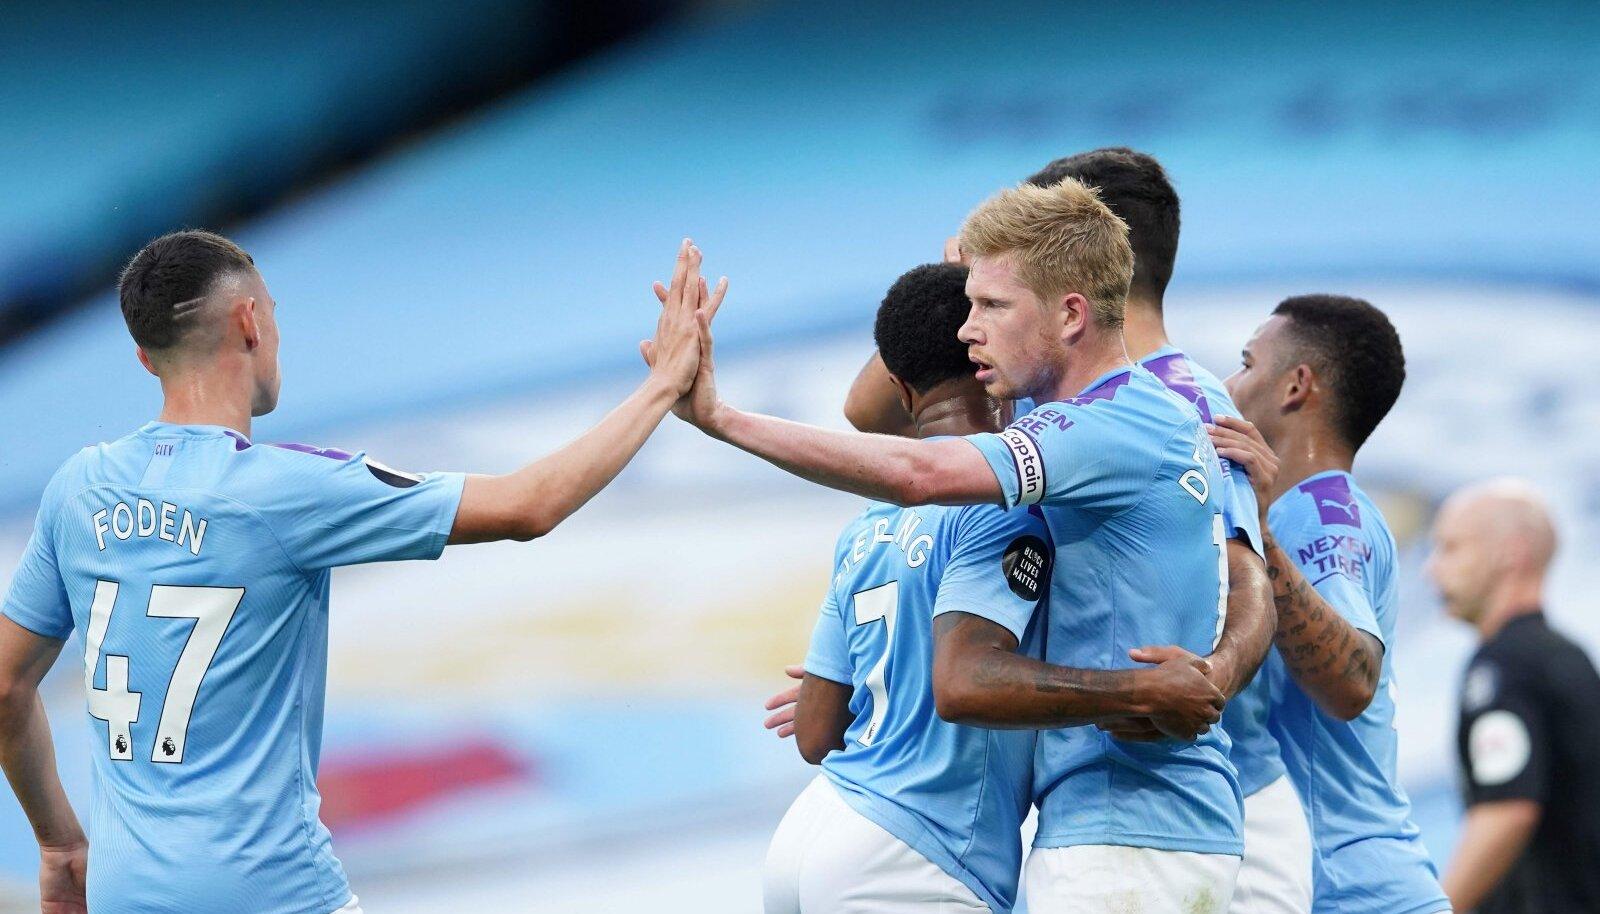 Phil Foden ja Kevin de Bruyne tähistavad koos teiste City mängijatega väravat